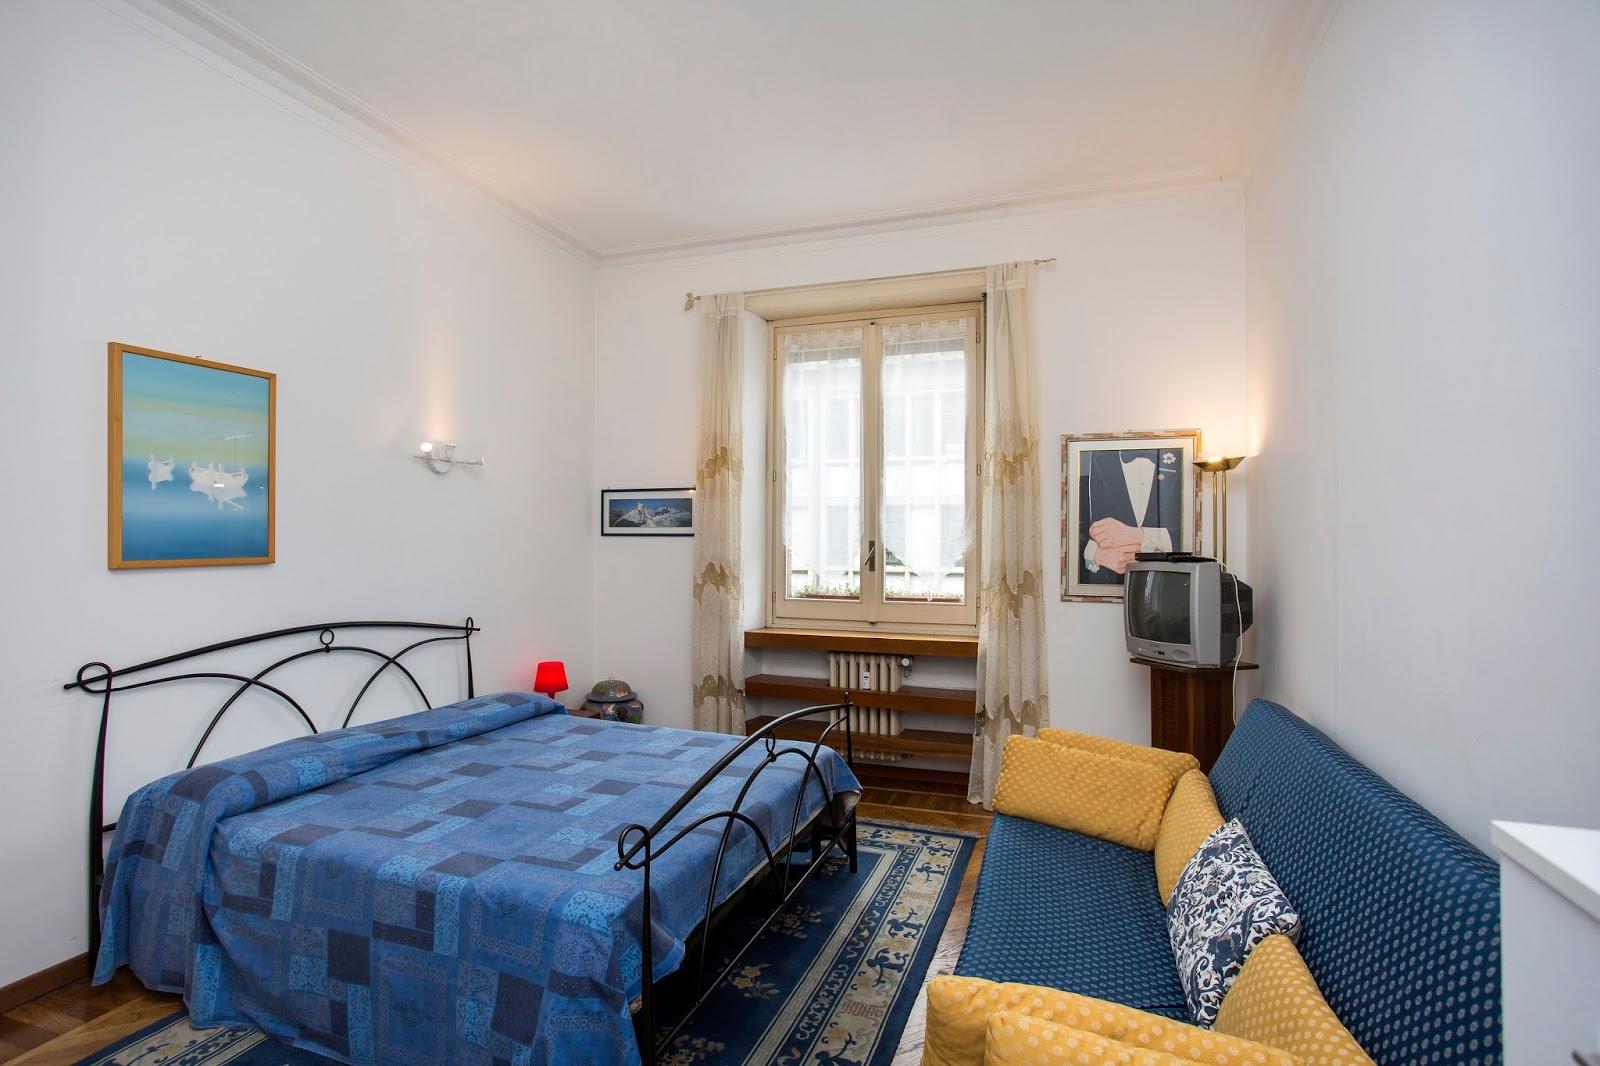 Disegno Idea appartamento 2 camere da letto torino massima qualità foto : Casa vacanze torino affitti centro citta